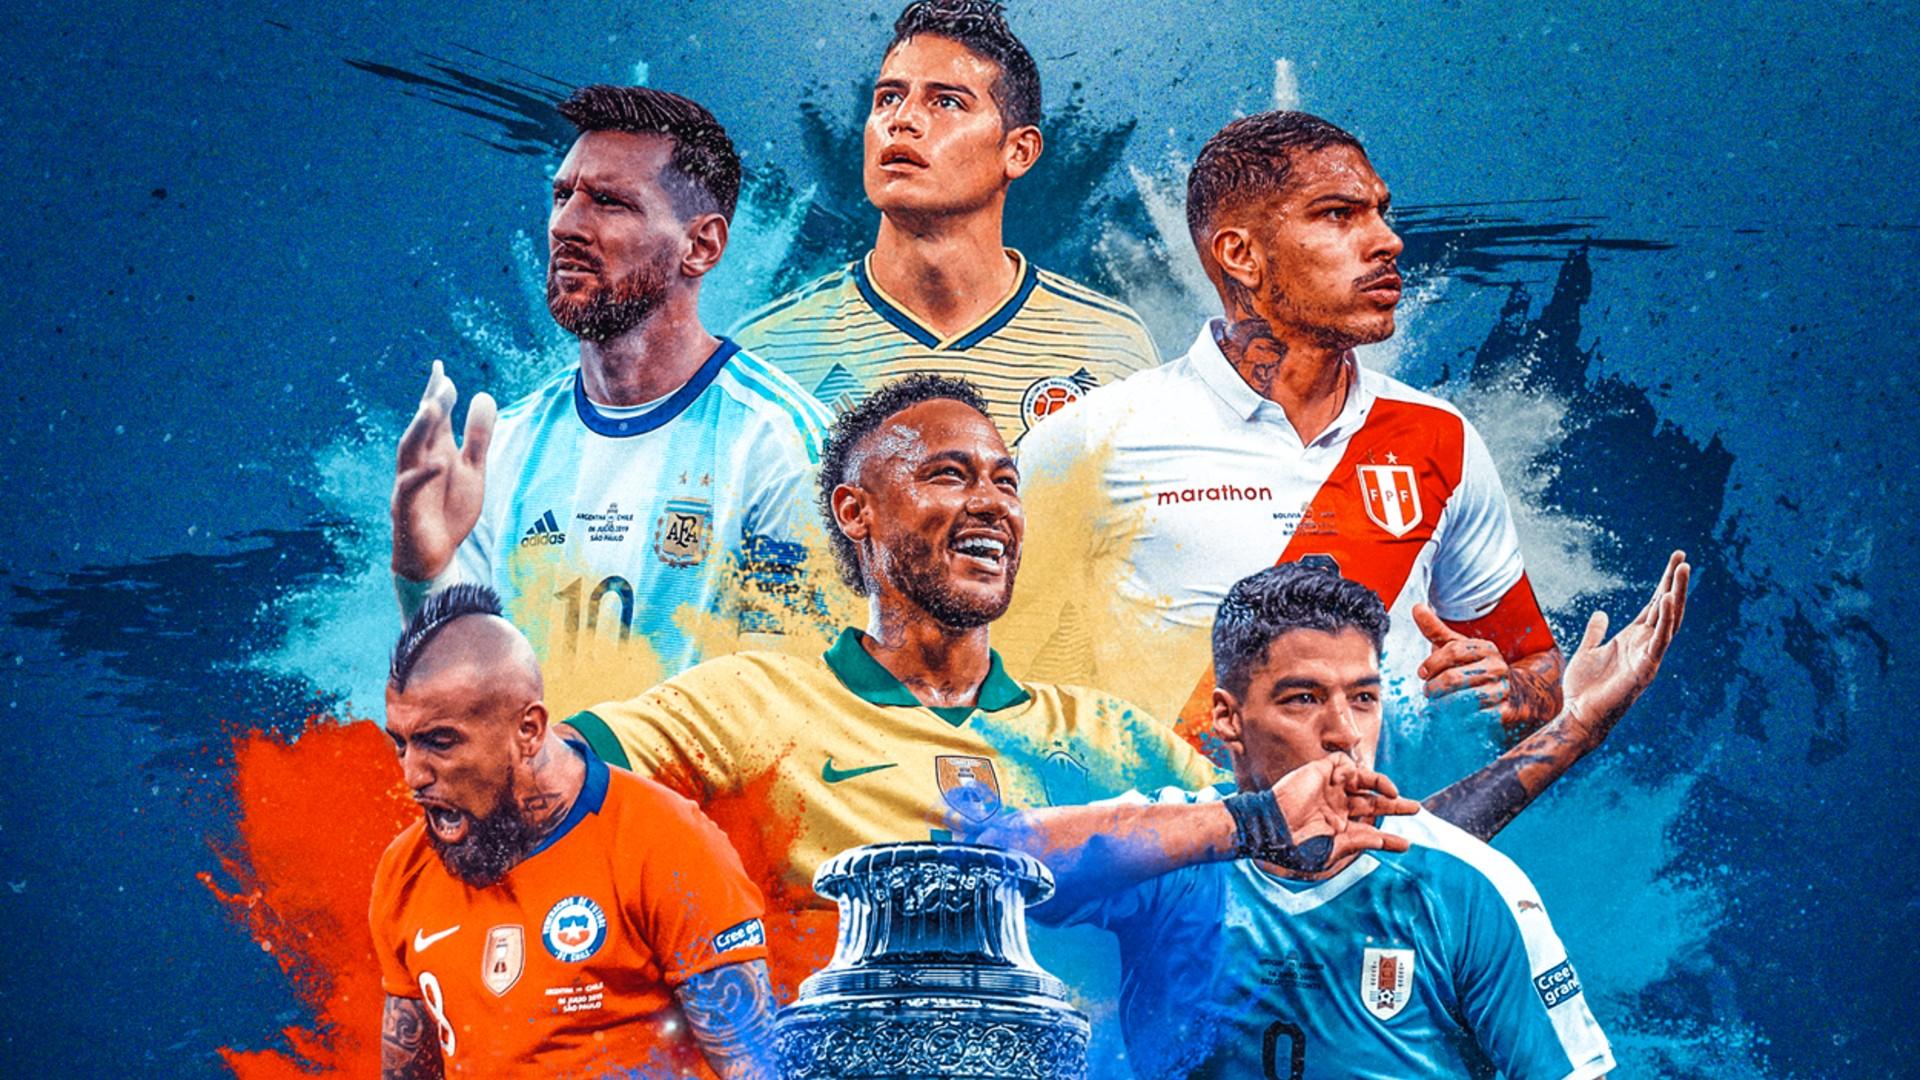 Fixture Copa América Argentina Colombia 2021 > Conoce todo sobre la programación del campeonato, partidos de Perú y más.